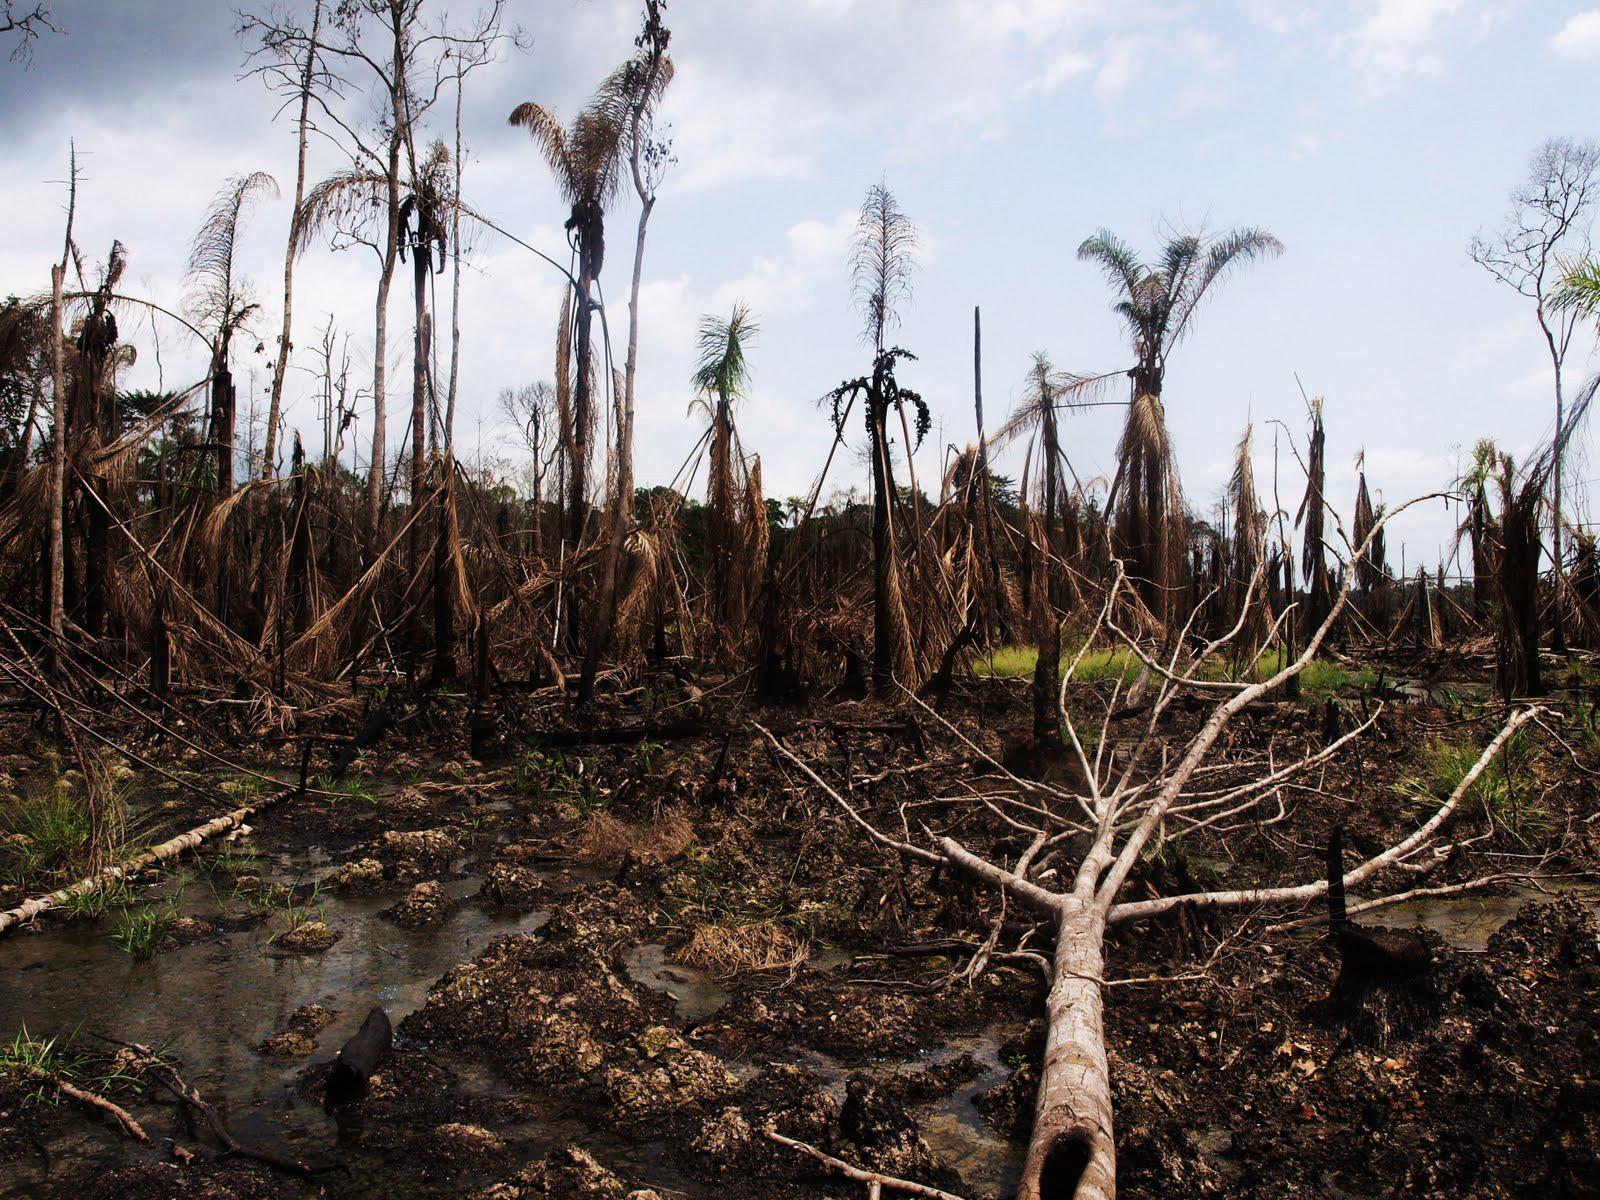 Niger Delta oil environmental disaster